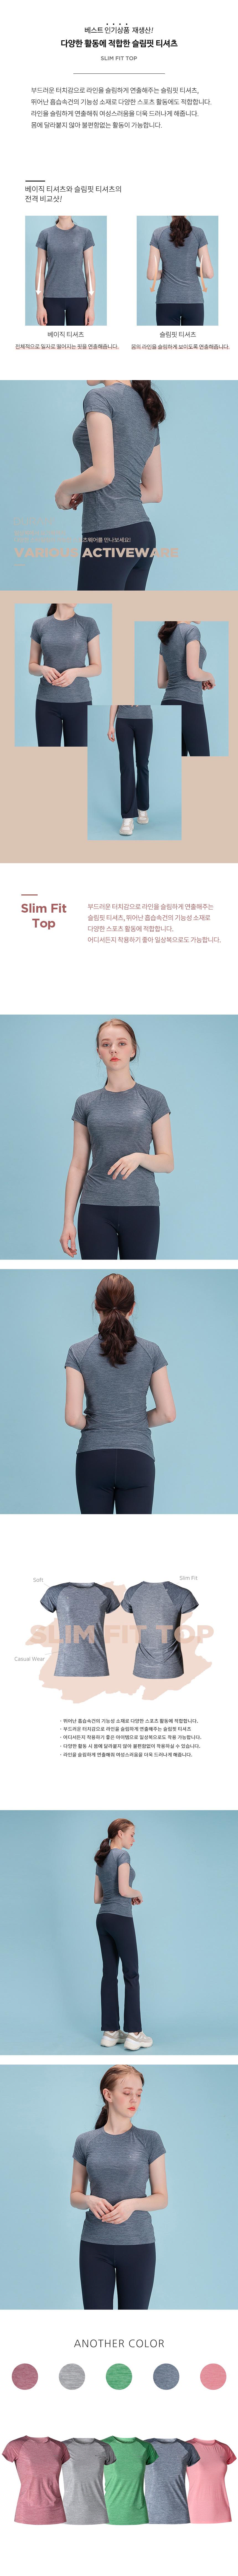 여성 스포츠 슬림핏 티셔츠 DFW5007 네이비